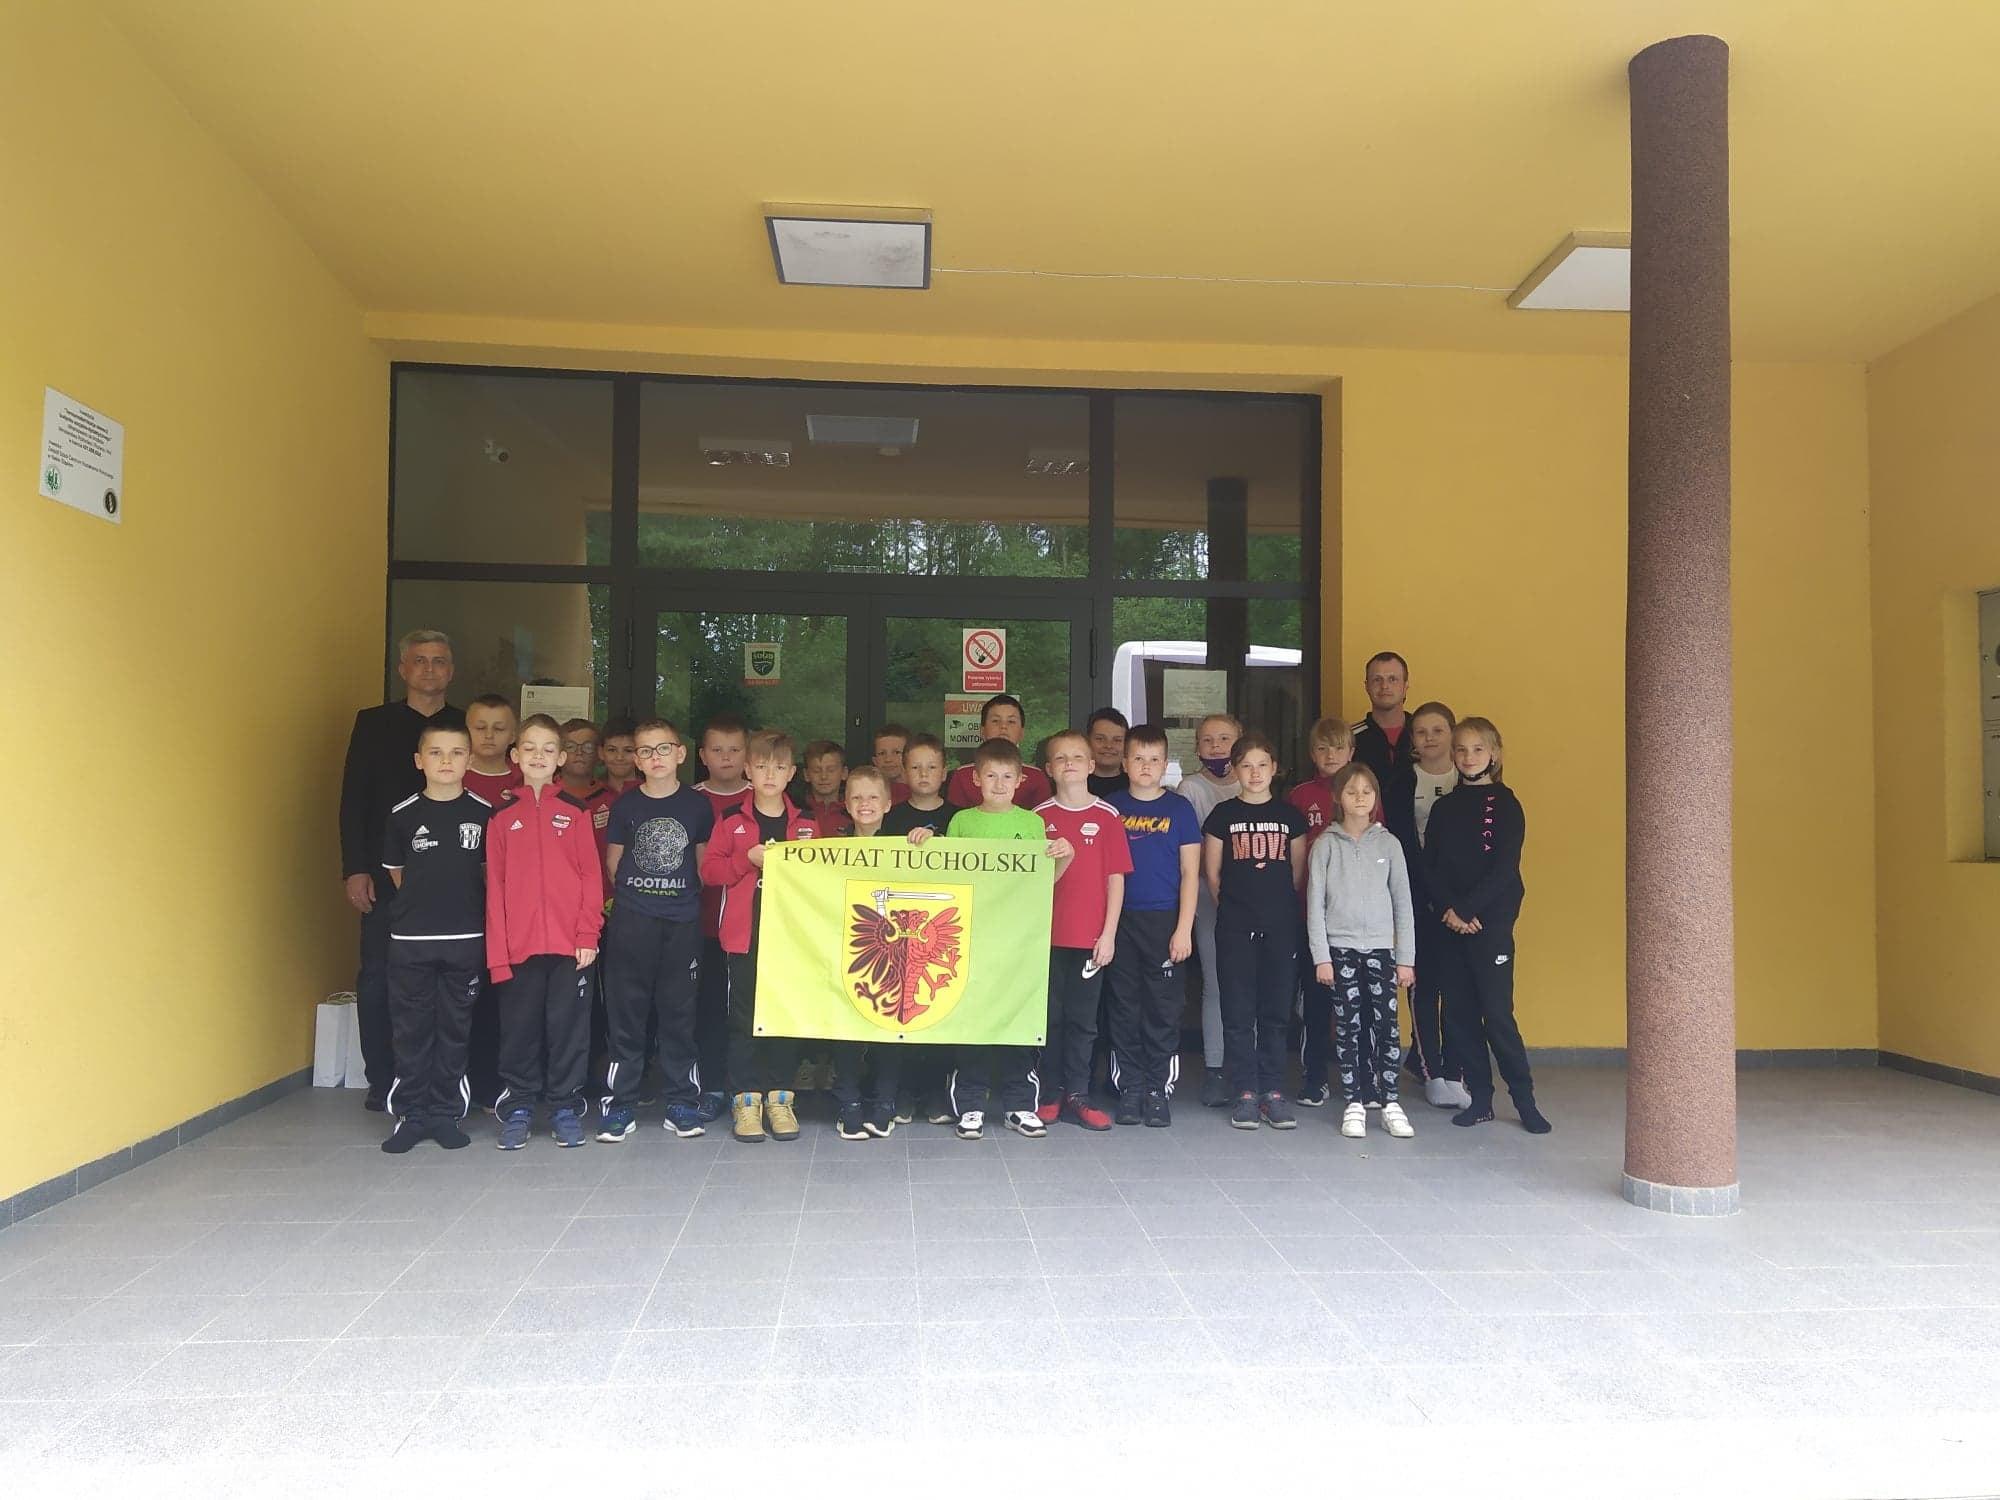 na zdjęciu grupa dzieci z powiatu tucholskiego z flagą z herbem Tucholi